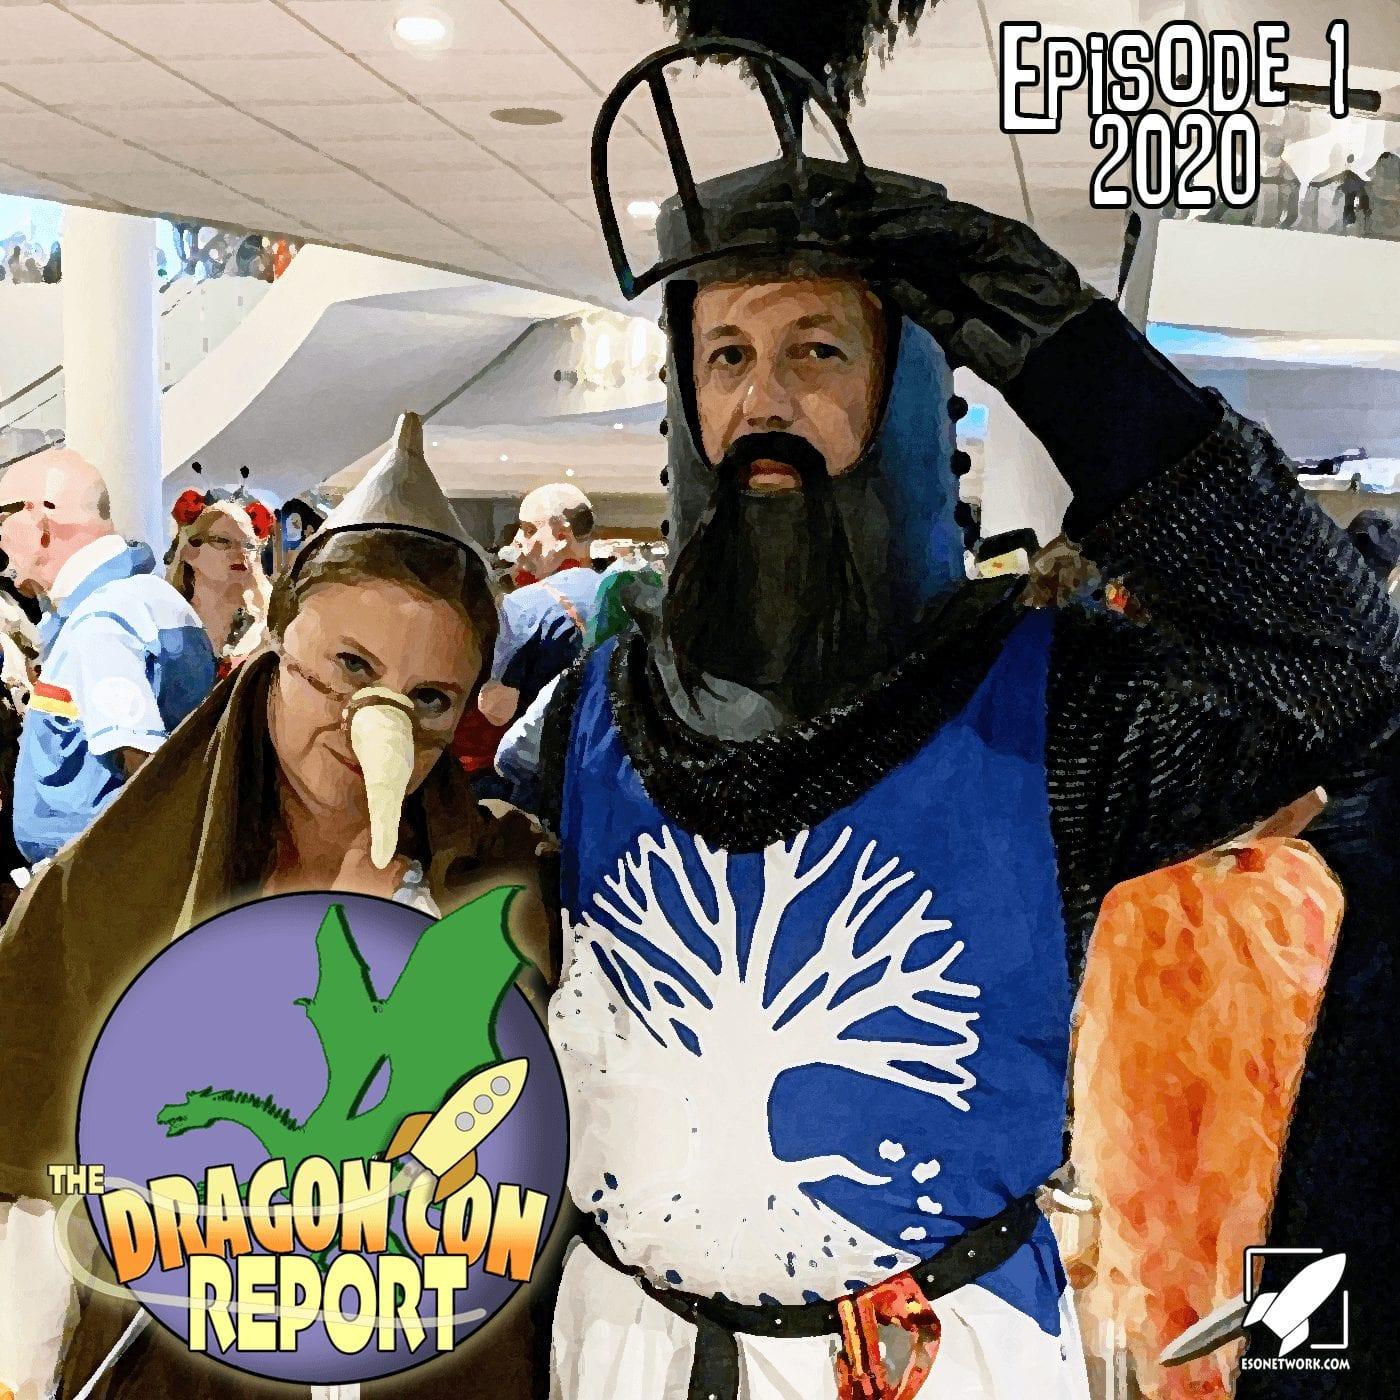 The 2020 Dragon Con Report Ep 1